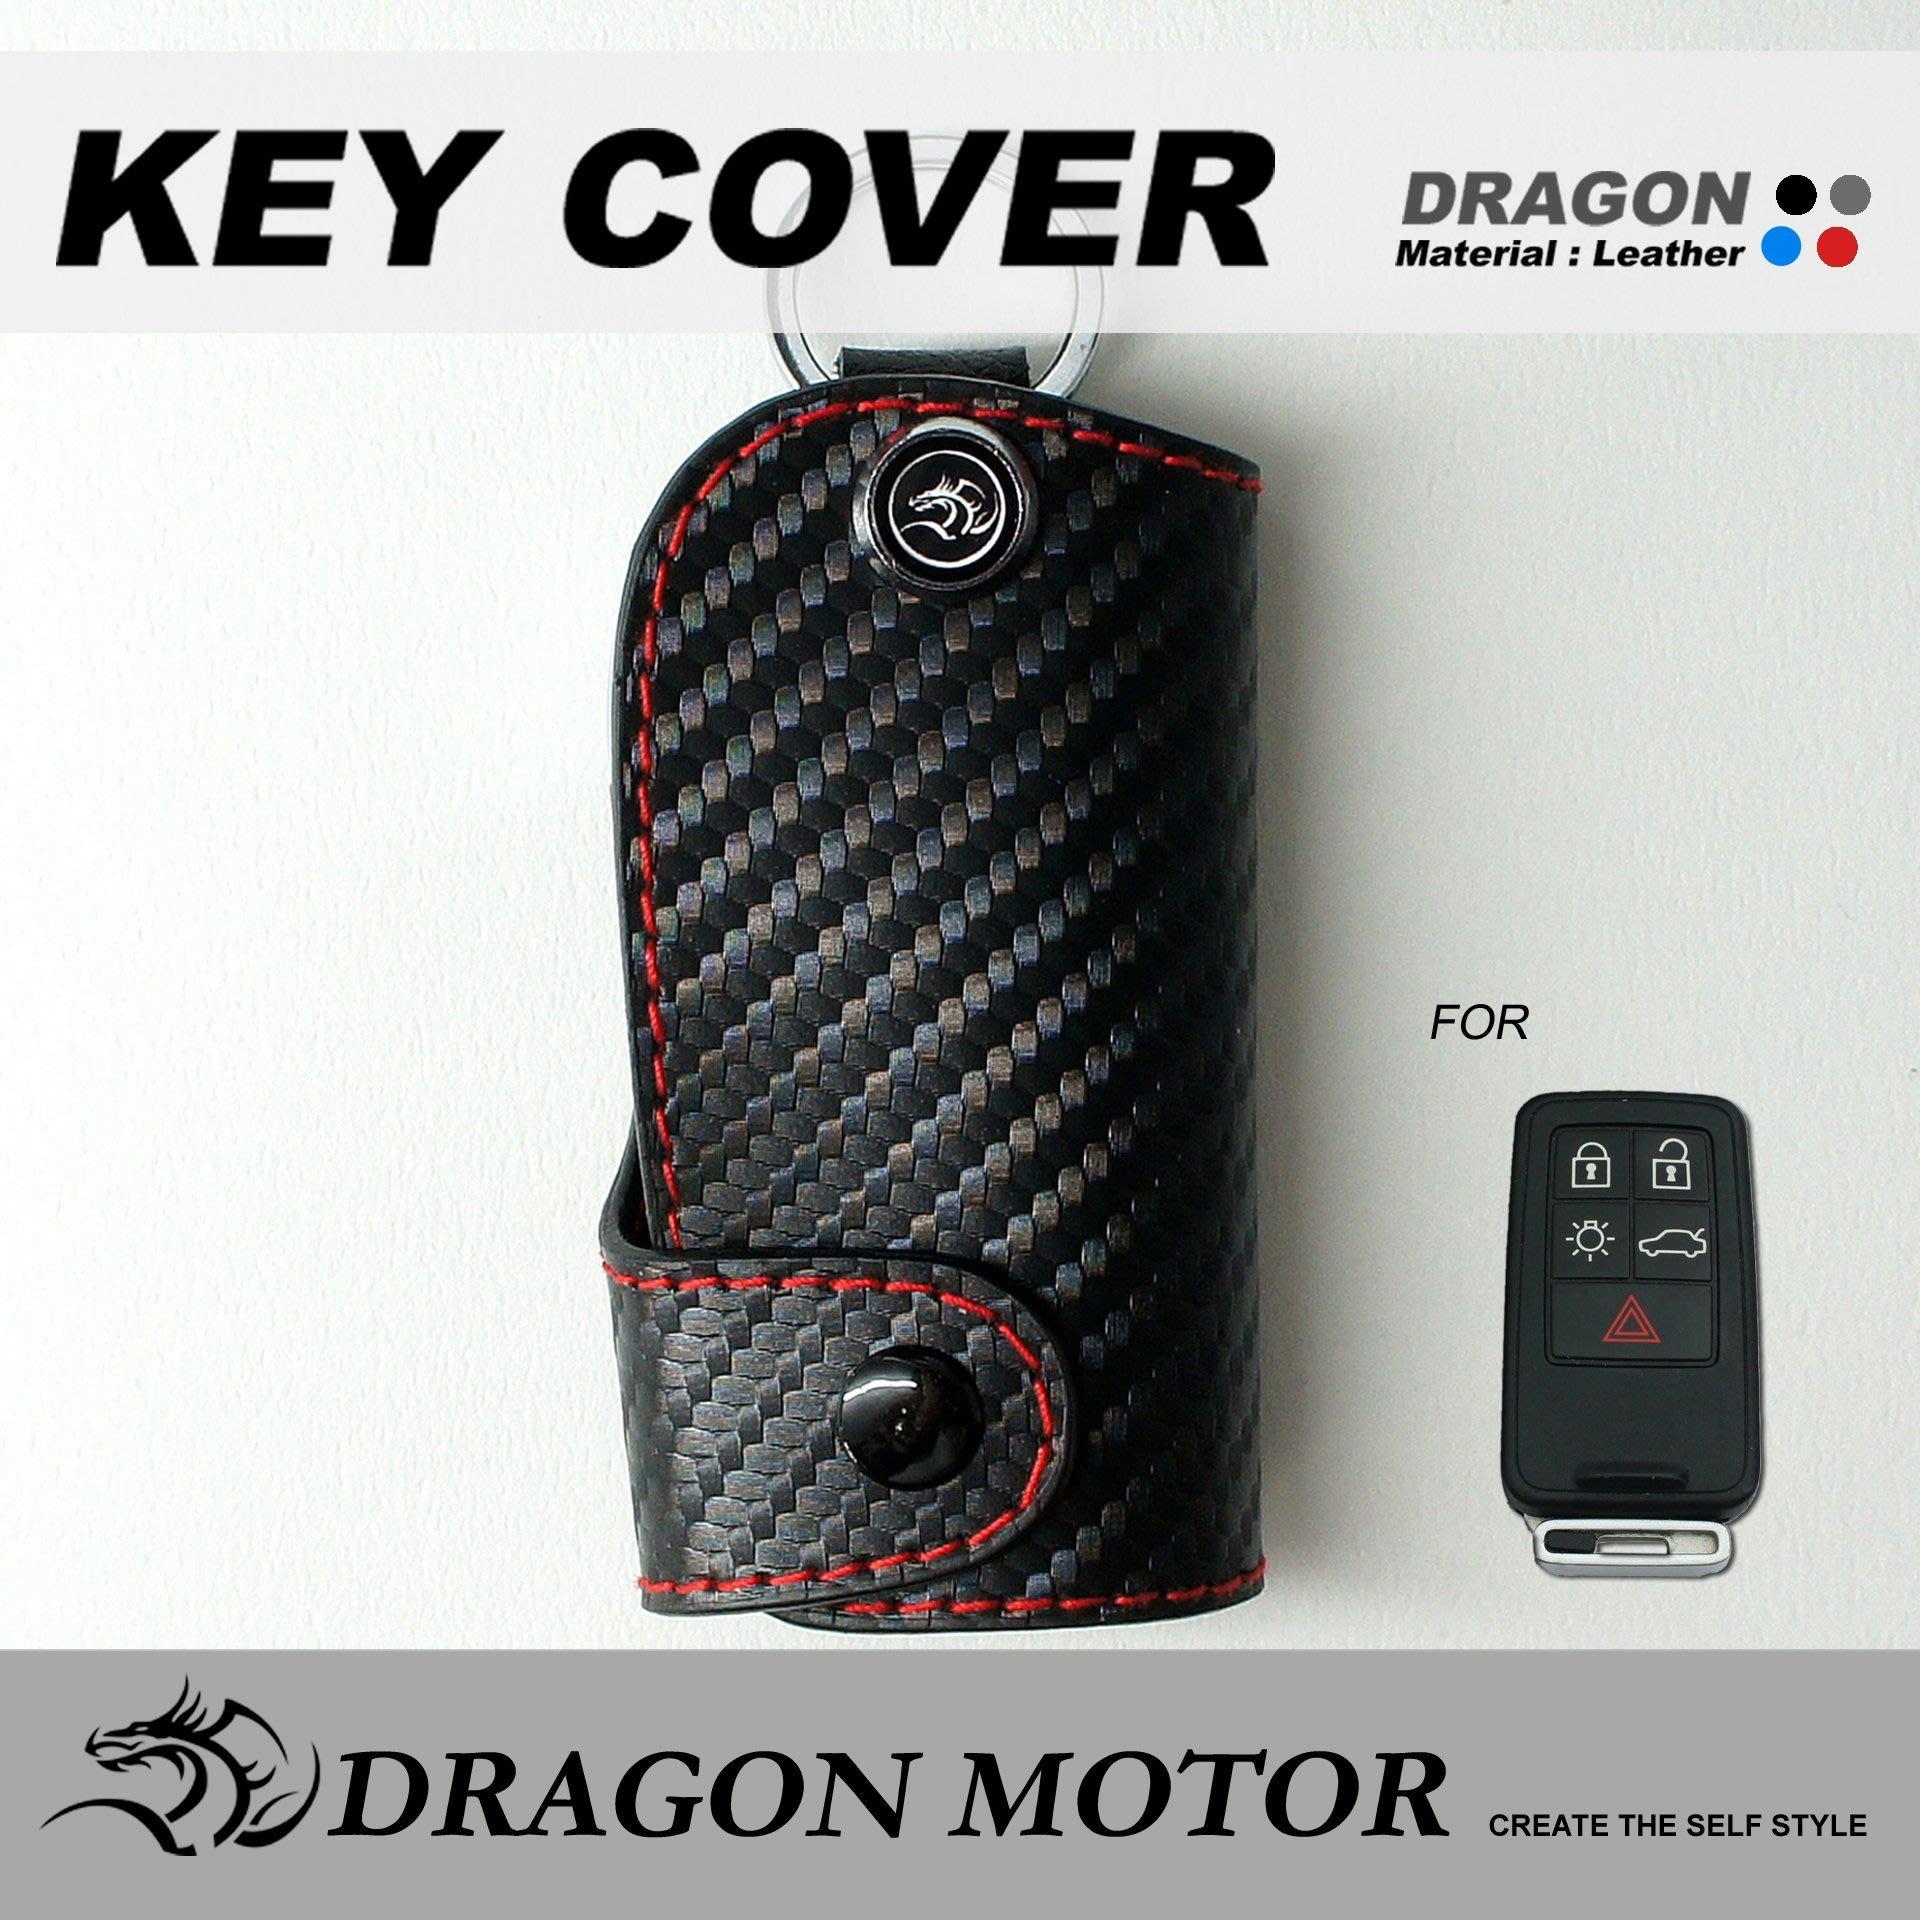 Volvo S60 XC60 V40 XC70 XC90 S80 V60 POLESTAR 富豪 汽車 晶片鑰匙 皮套